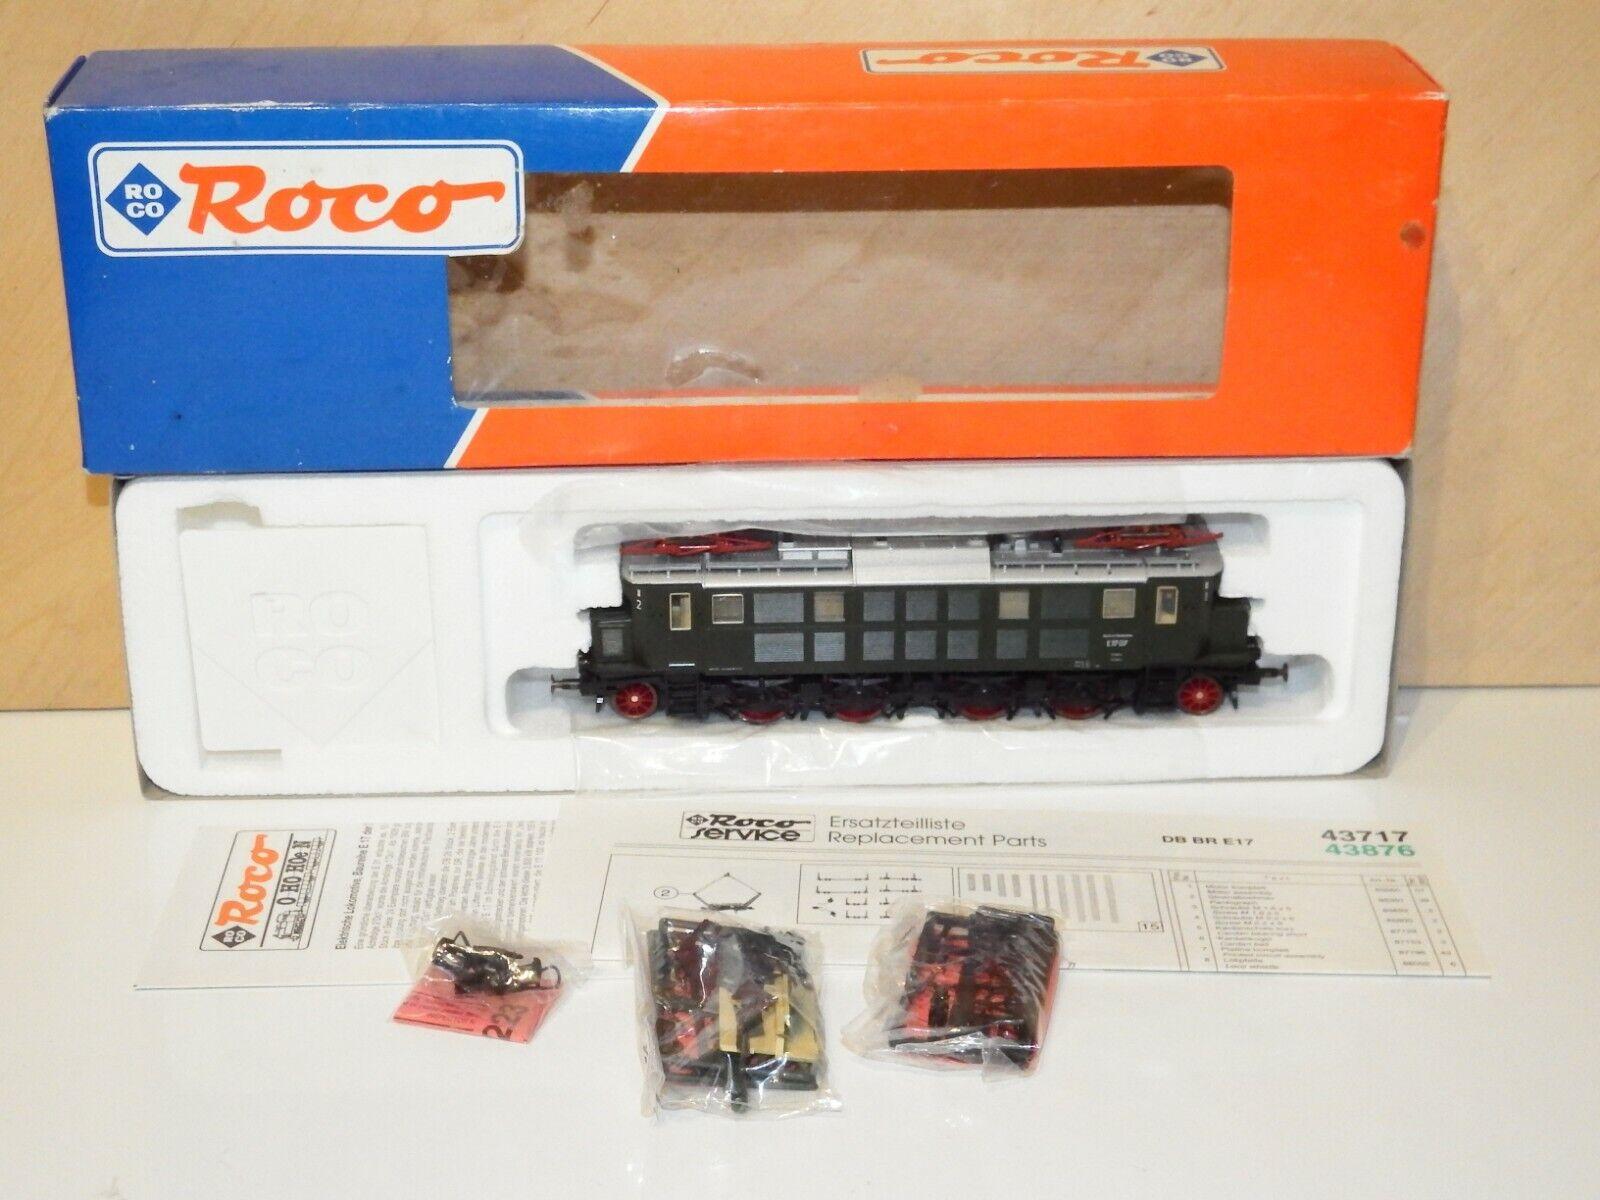 H0 43717 Roco Digital (adr 17) locomotora Dr br e17 07 OVP como nuevo 7960